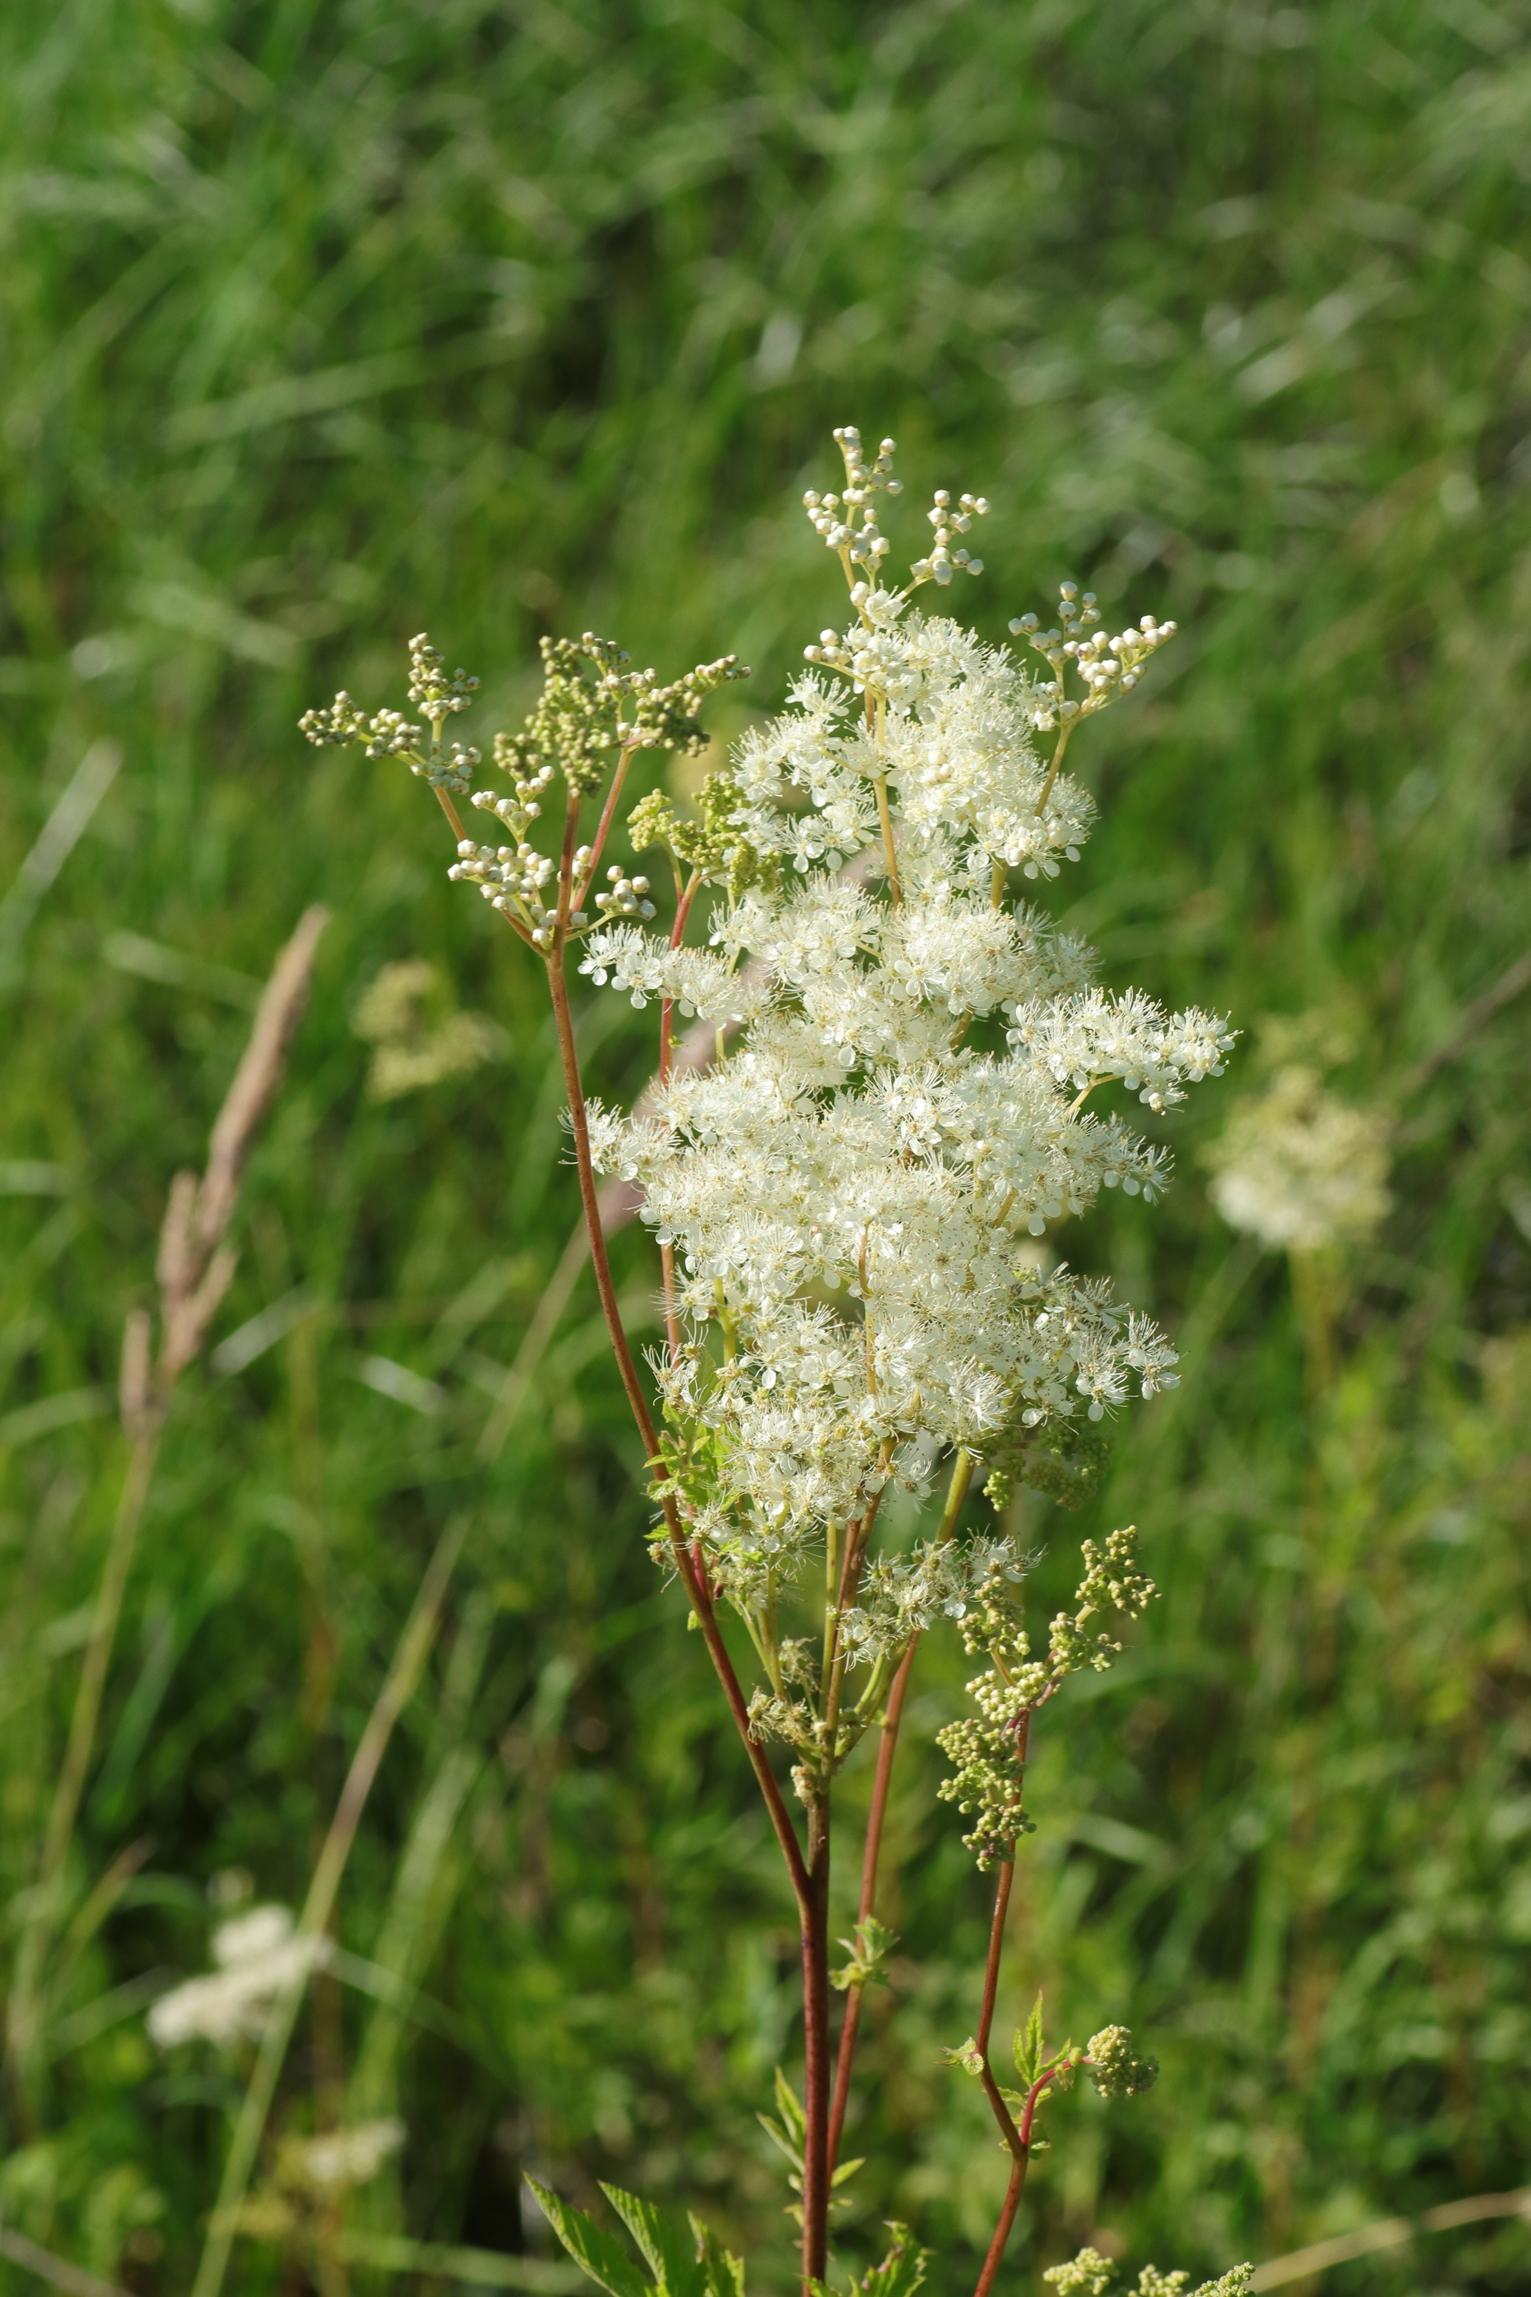 Mädesüß - Blüte